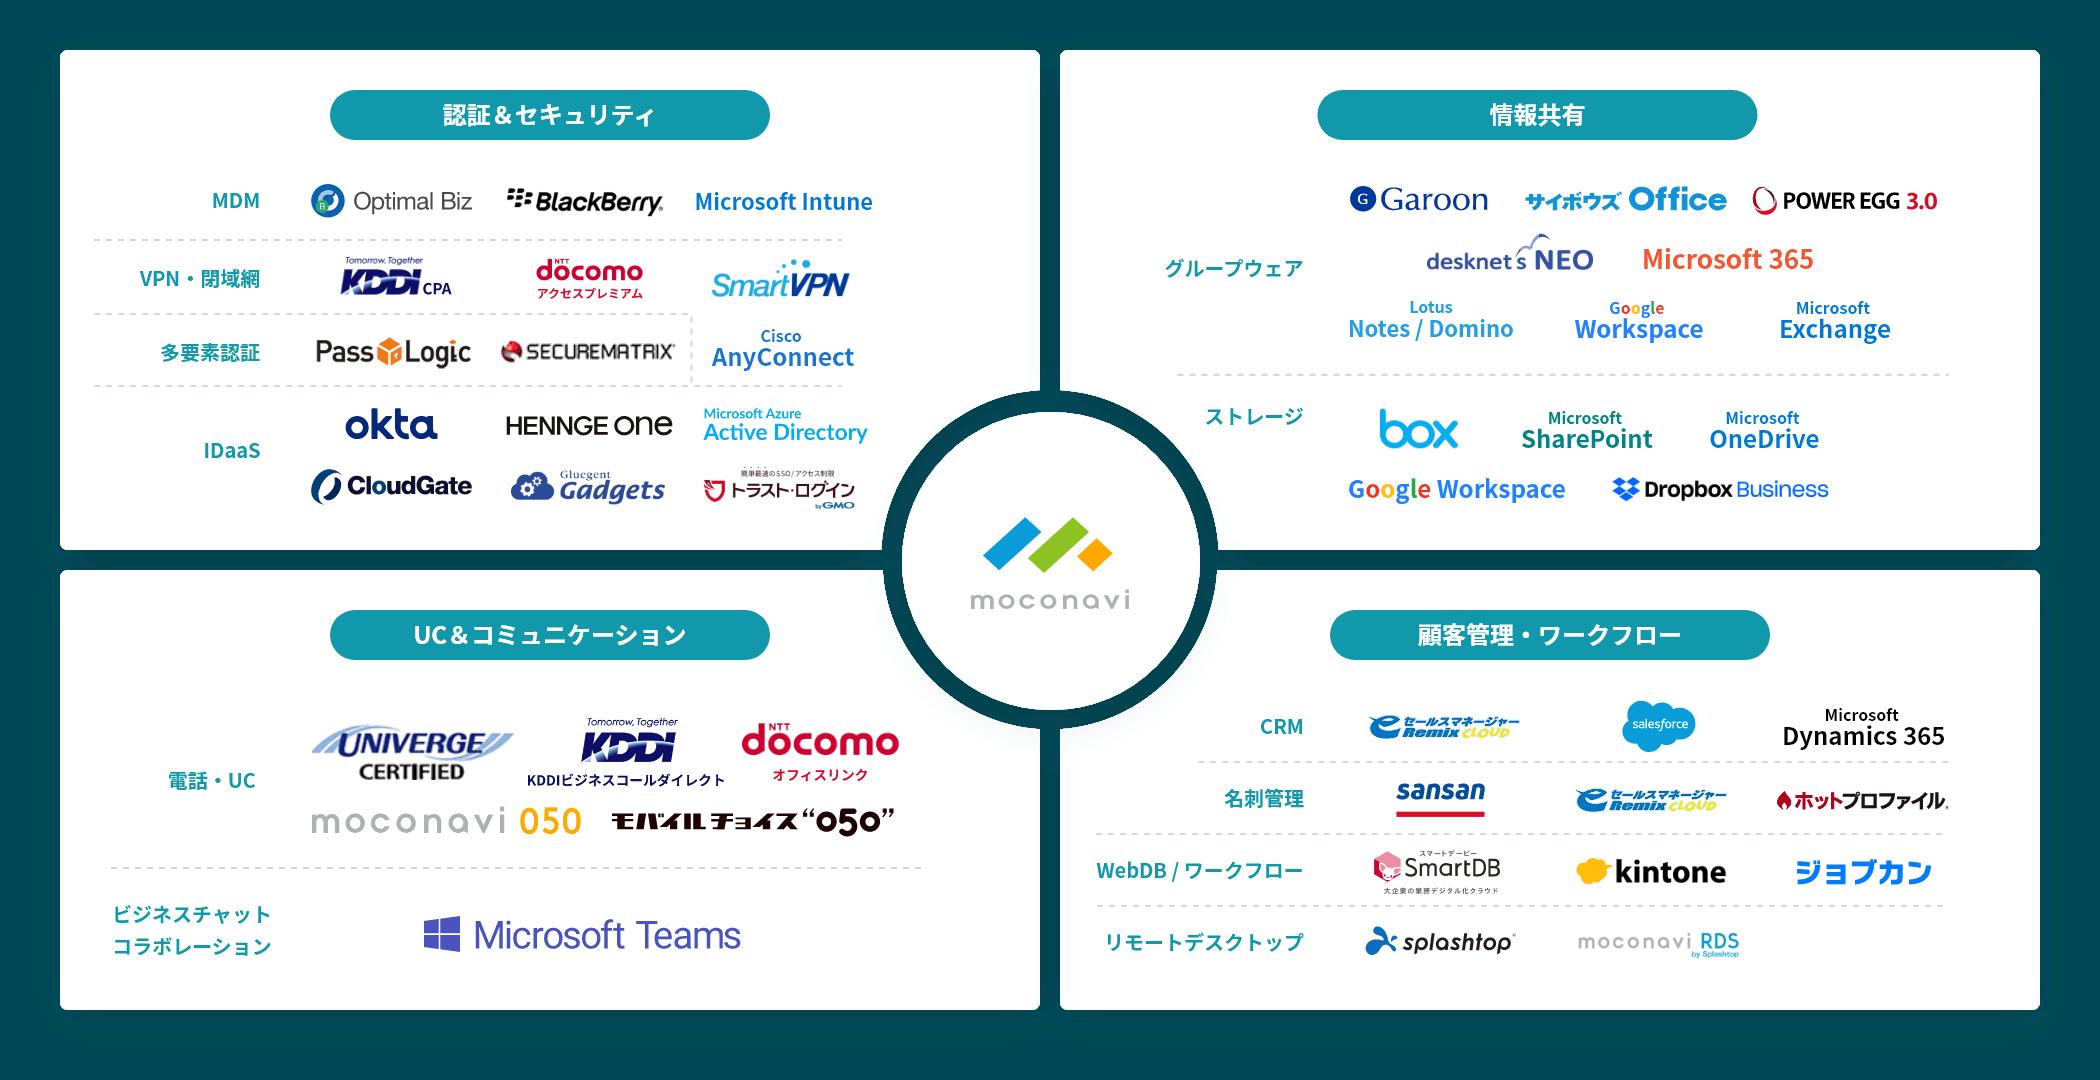 連携サービスの表